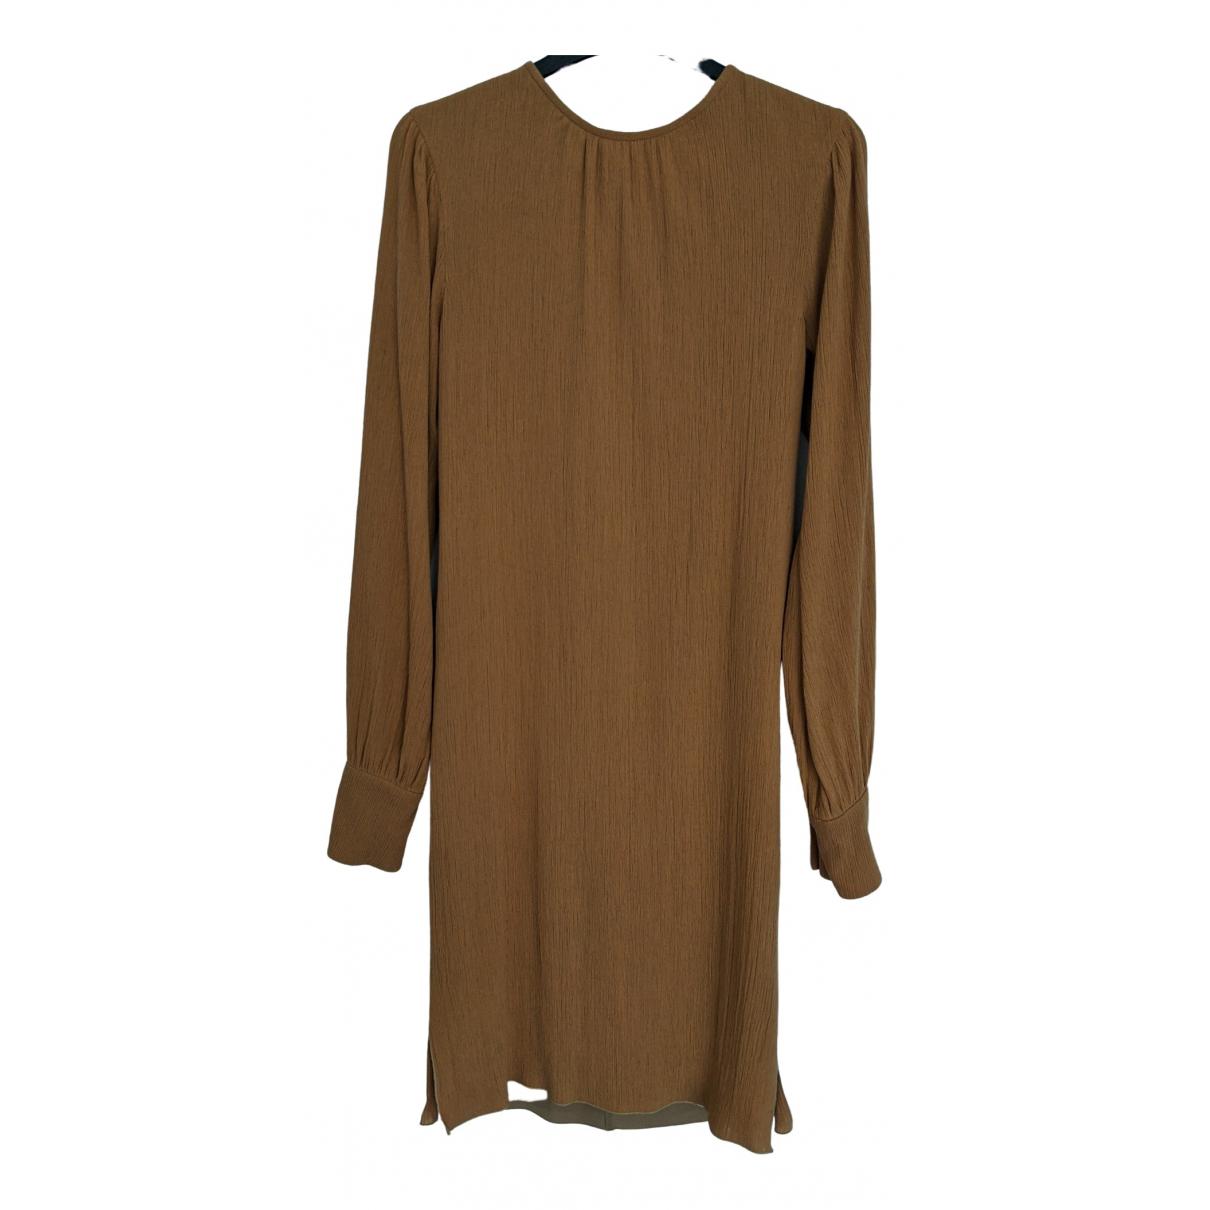 Paul Smith \N Kleid in  Beige Baumwolle